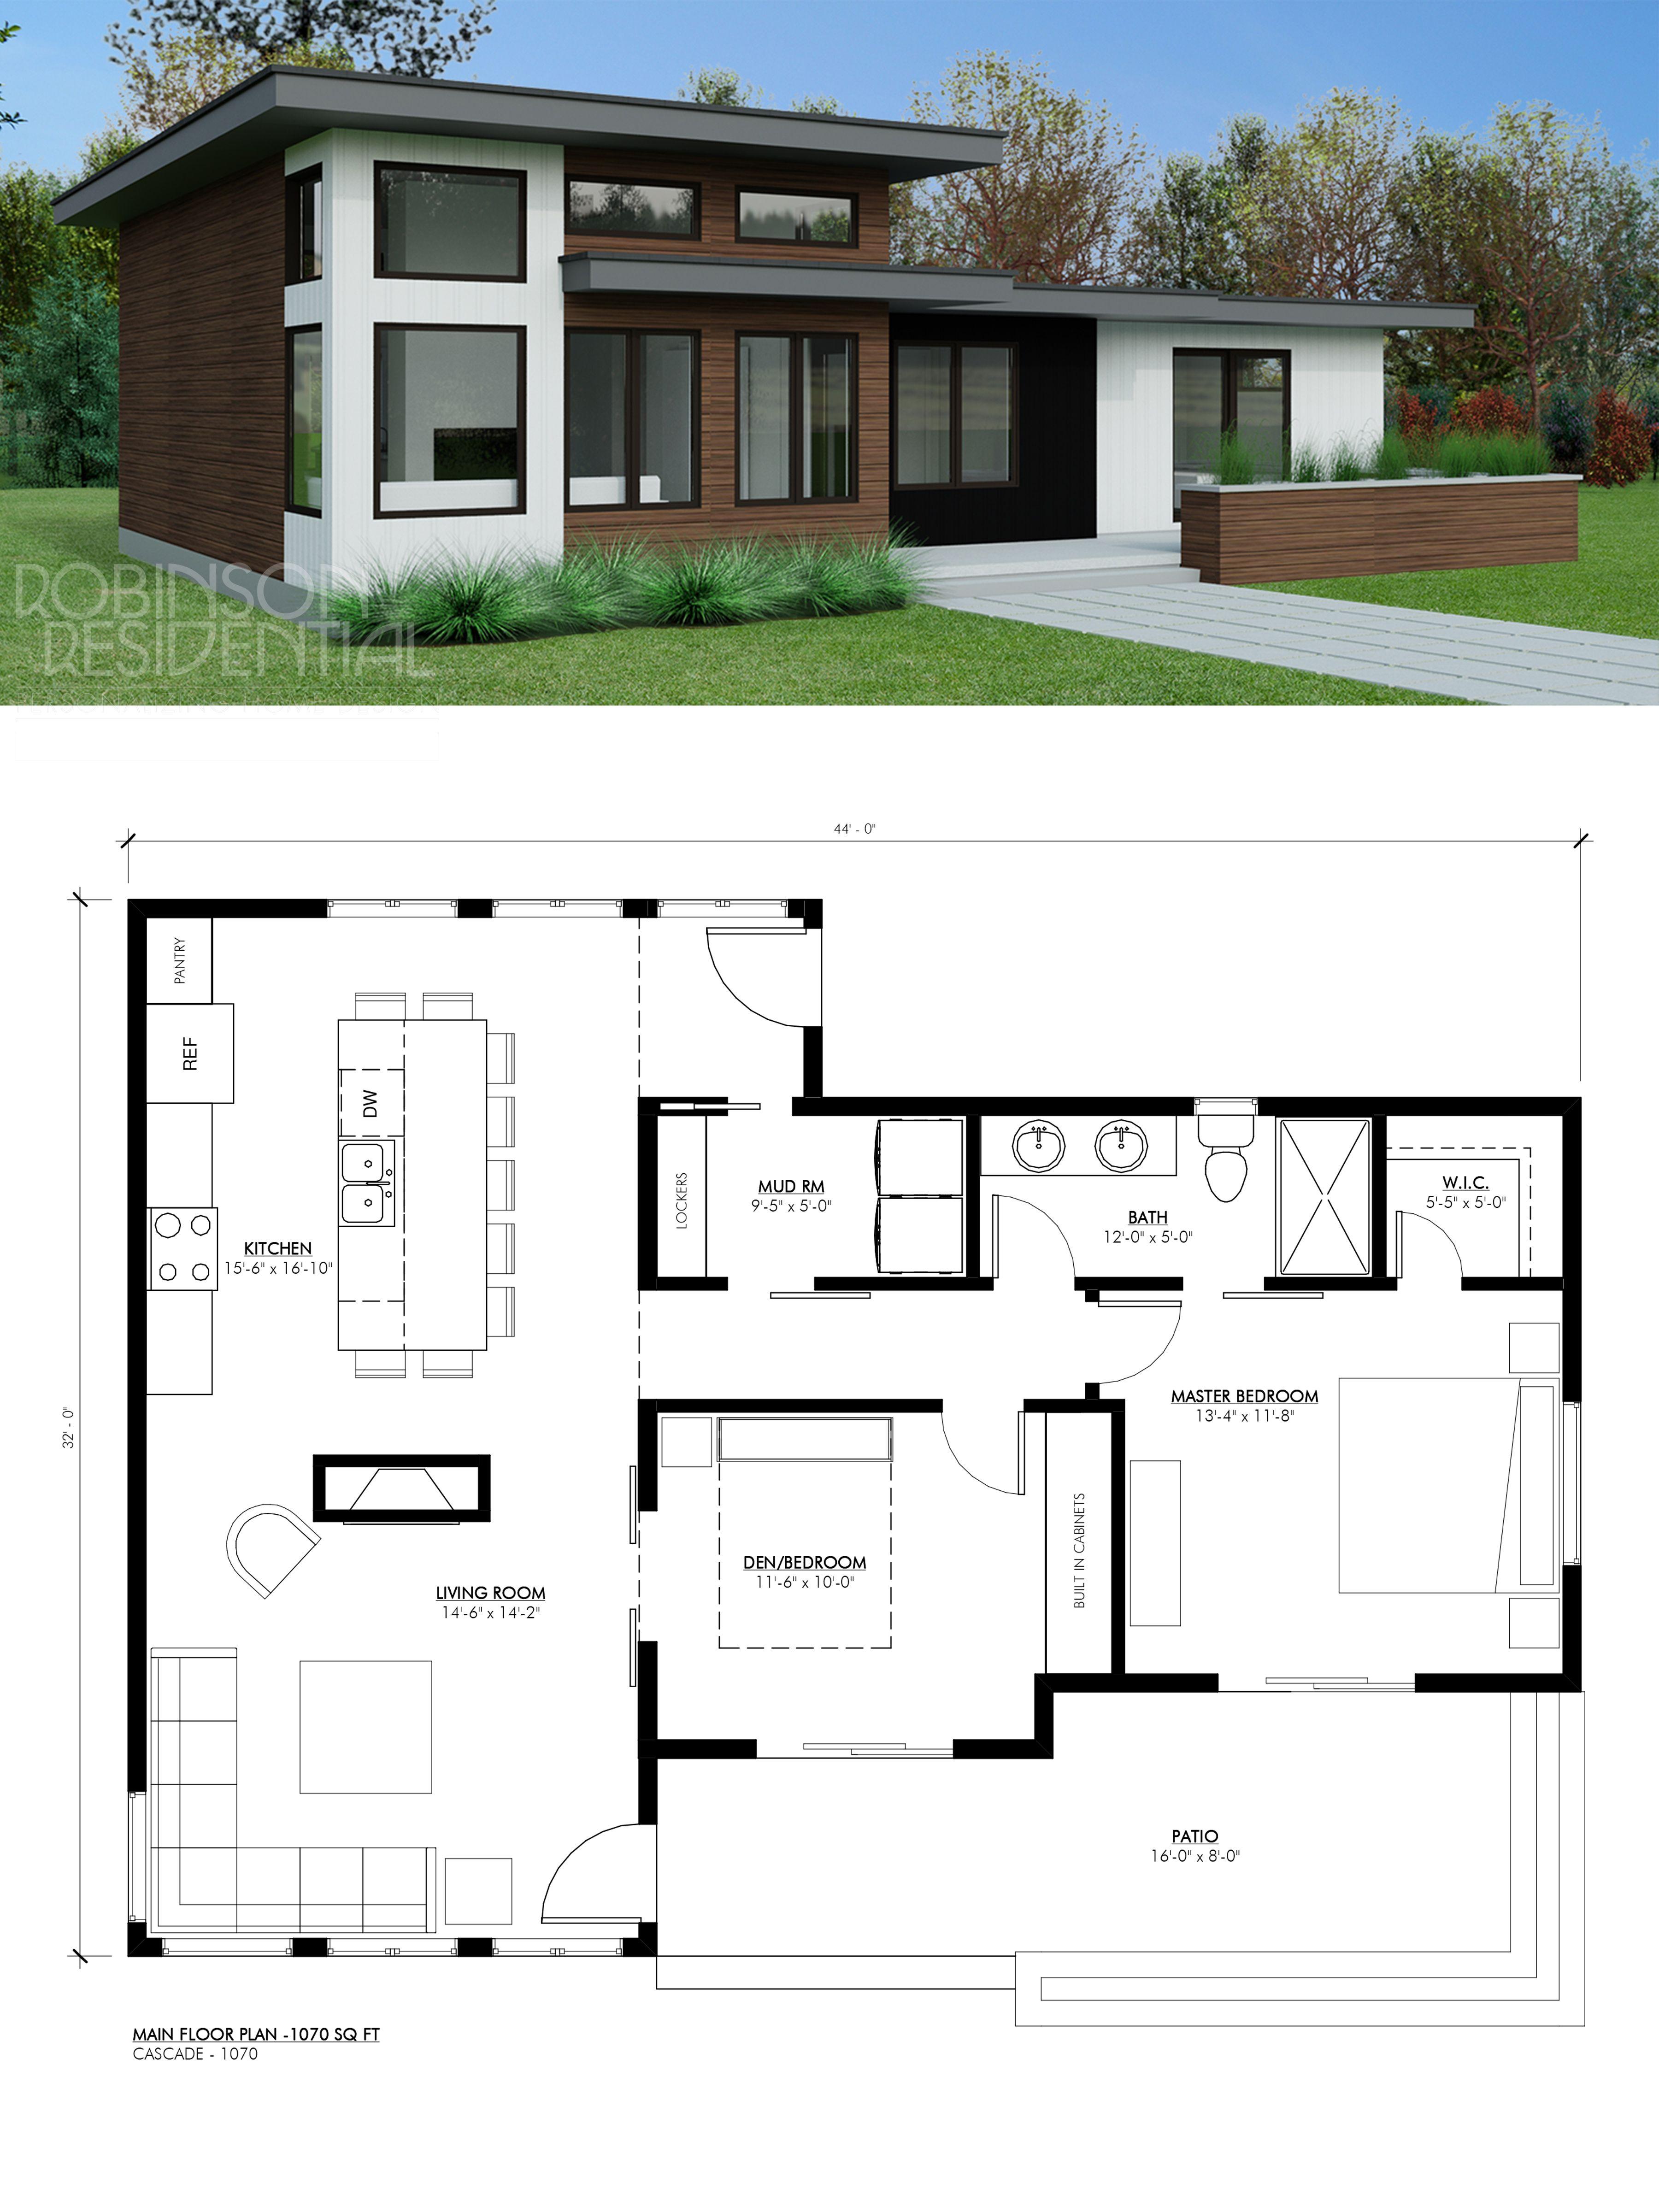 Contemporary Cascade 1070 Robinson Plans Sims House Plans Building Plans House Bungalow House Plans